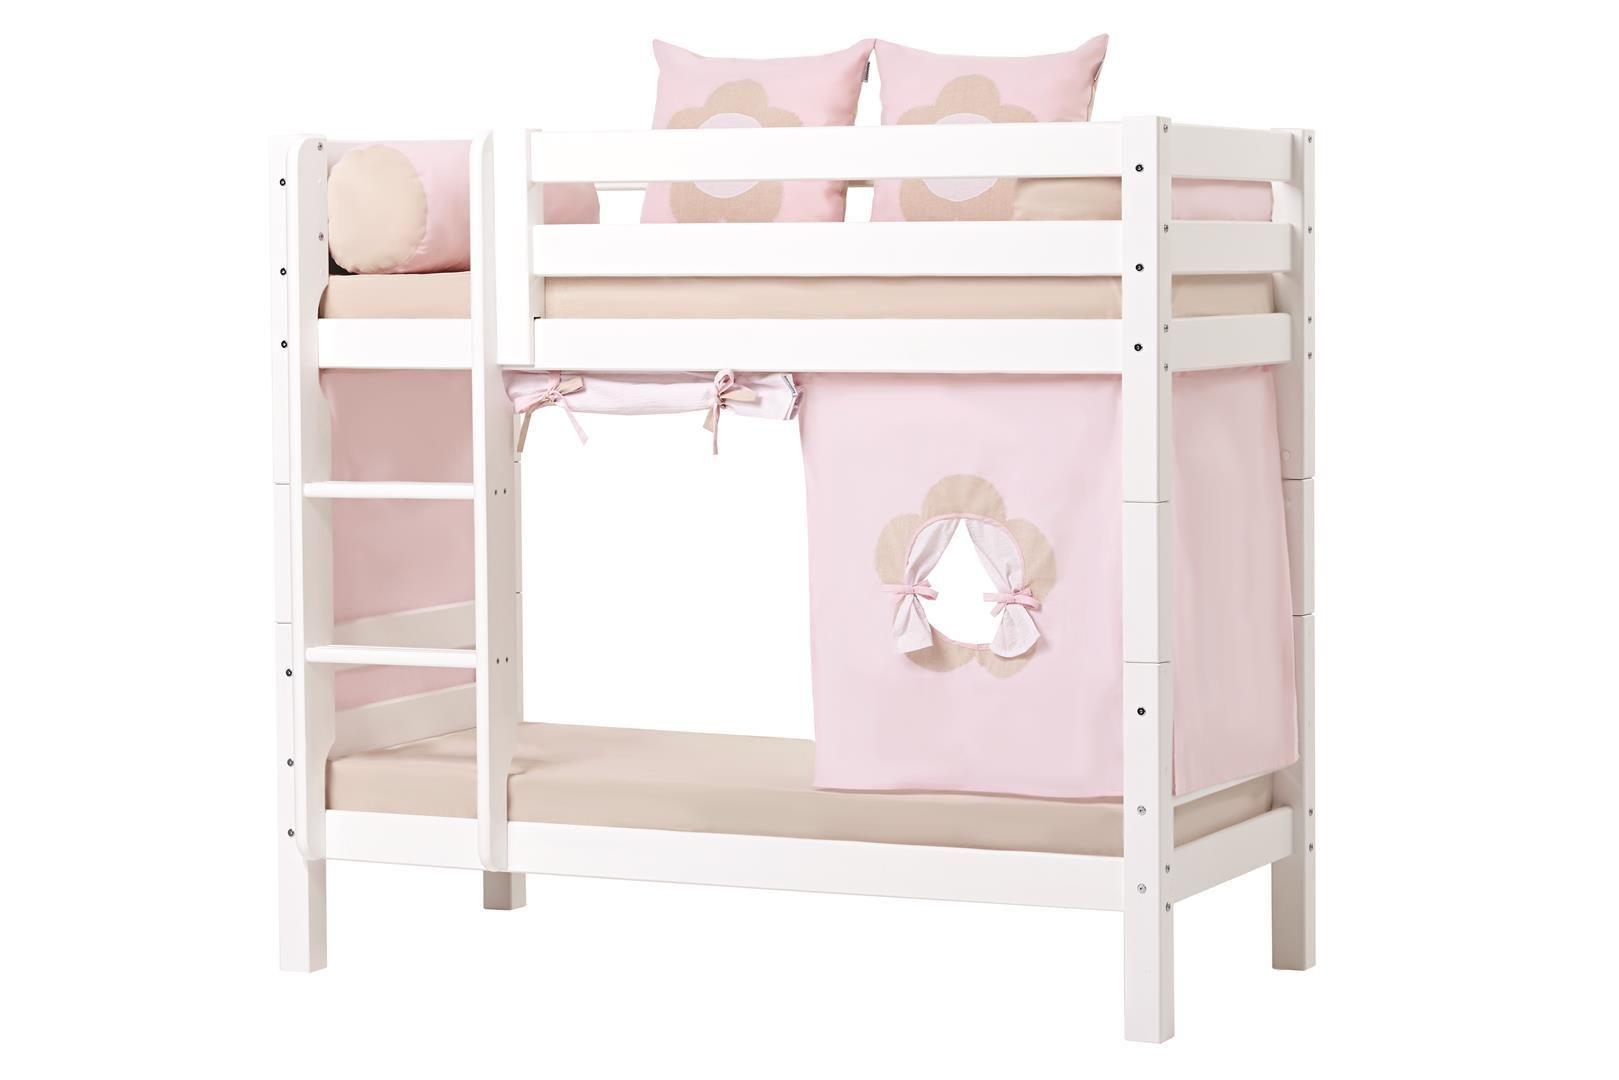 Billede af Forhæng til Halvhøj seng og Køjeseng fra Hoppekids - Fairytale Flower